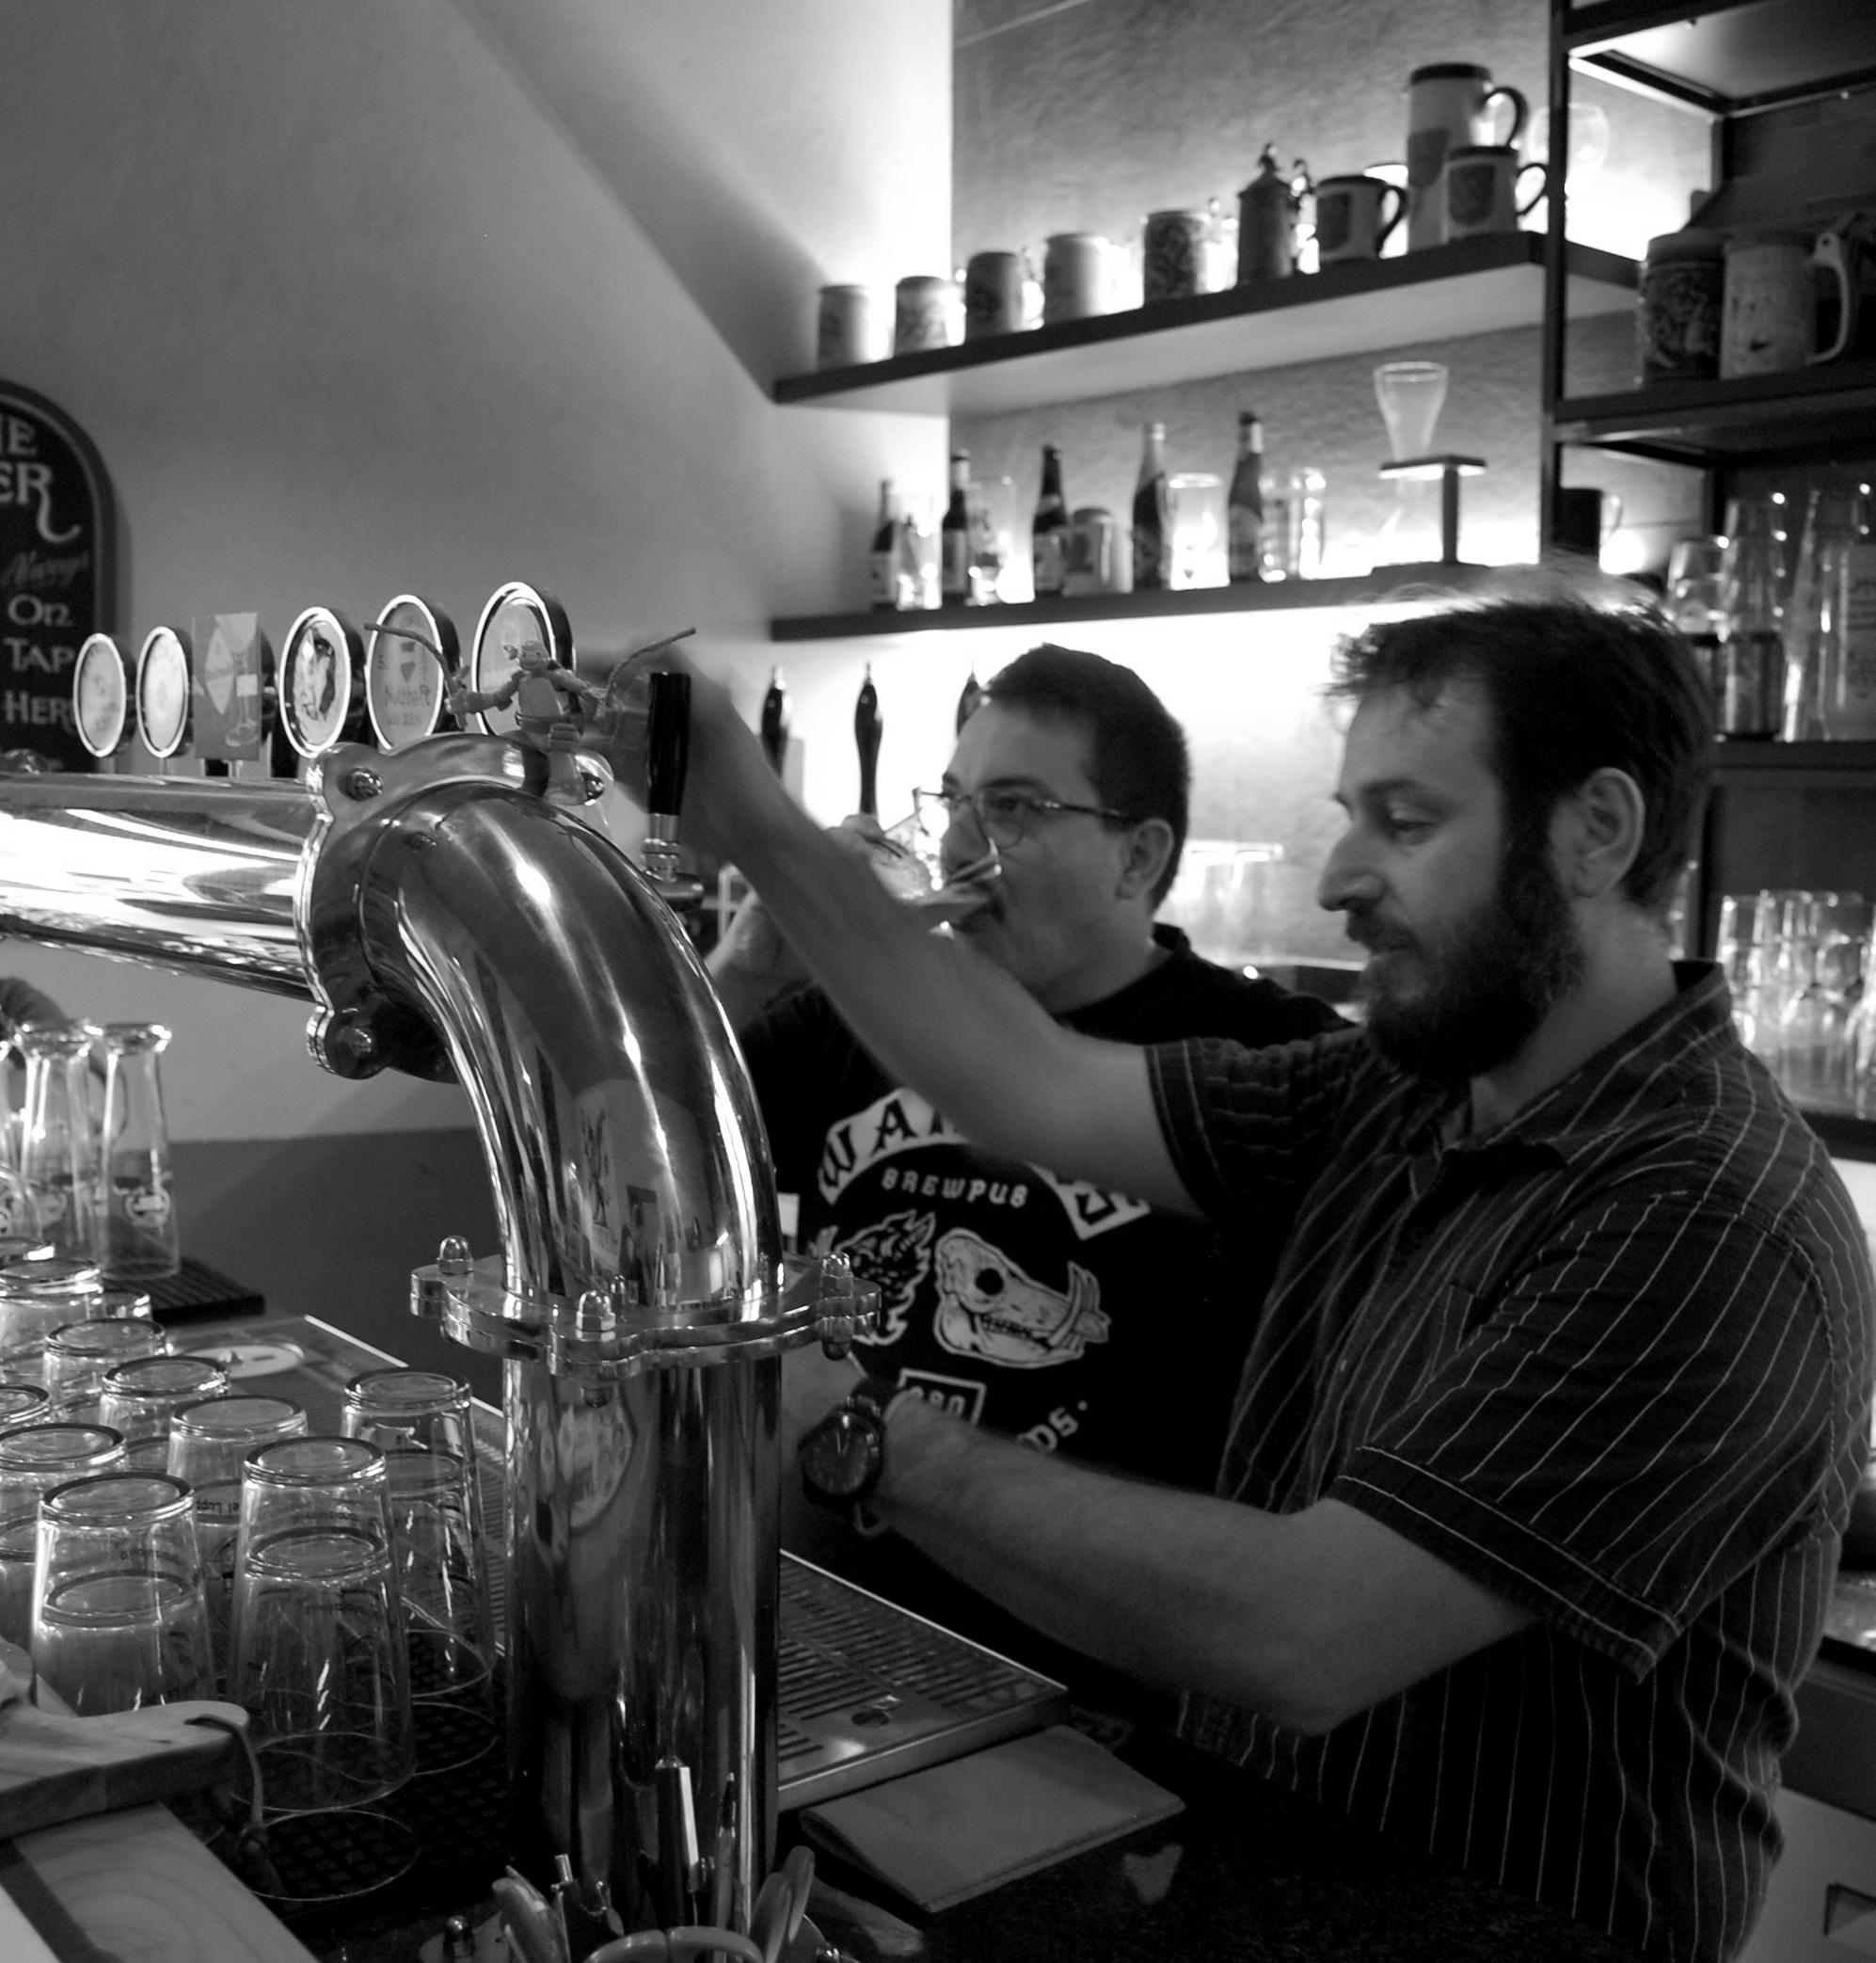 Hopduvel: passione, esperienze e birre artigianale di qualità!